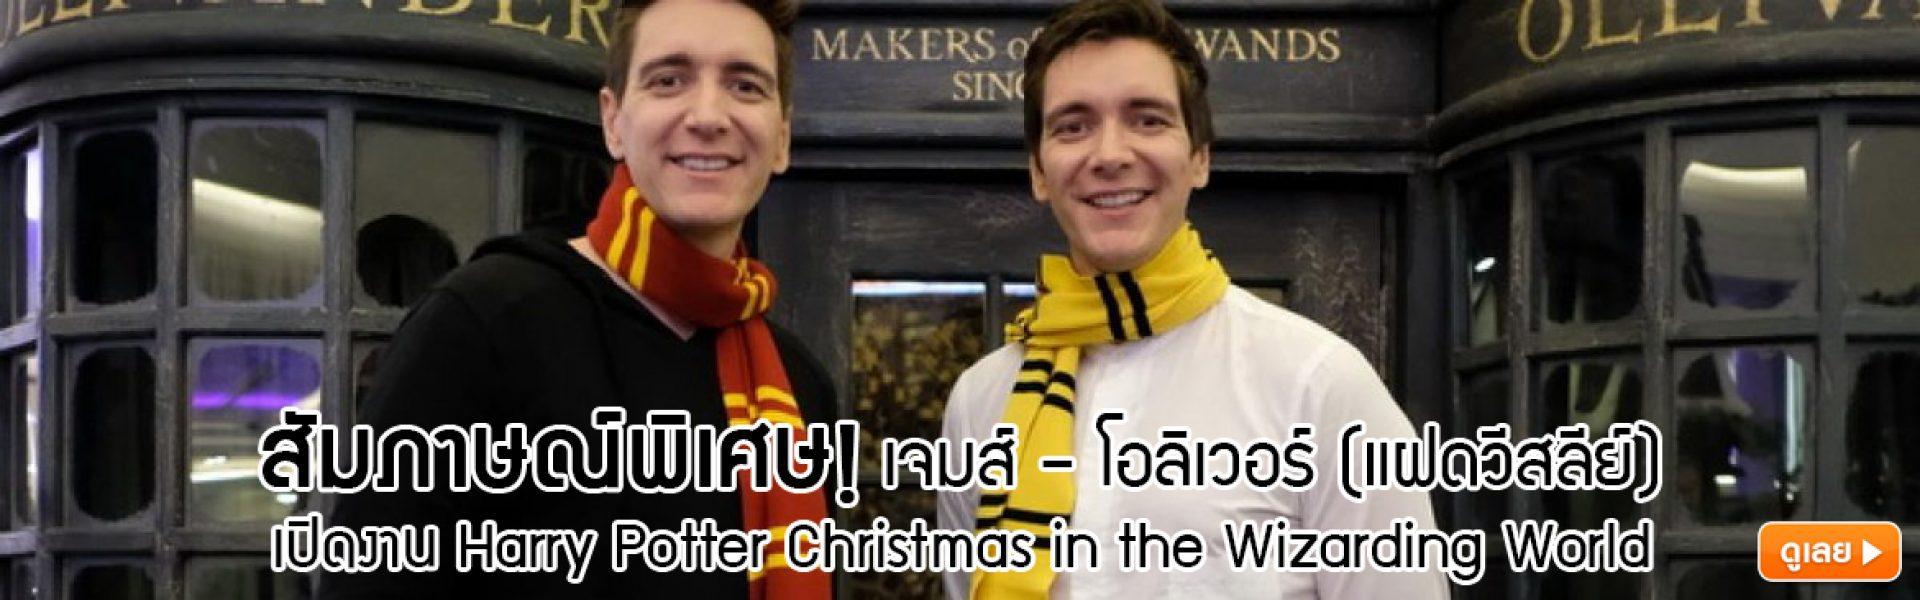 สัมภาษณ์พิเศษ! แฝดวีสลีย์ หรือ เจมส์ – โอลิเวอร์ เปิดงาน Harry Potter Christmas in the Wizarding